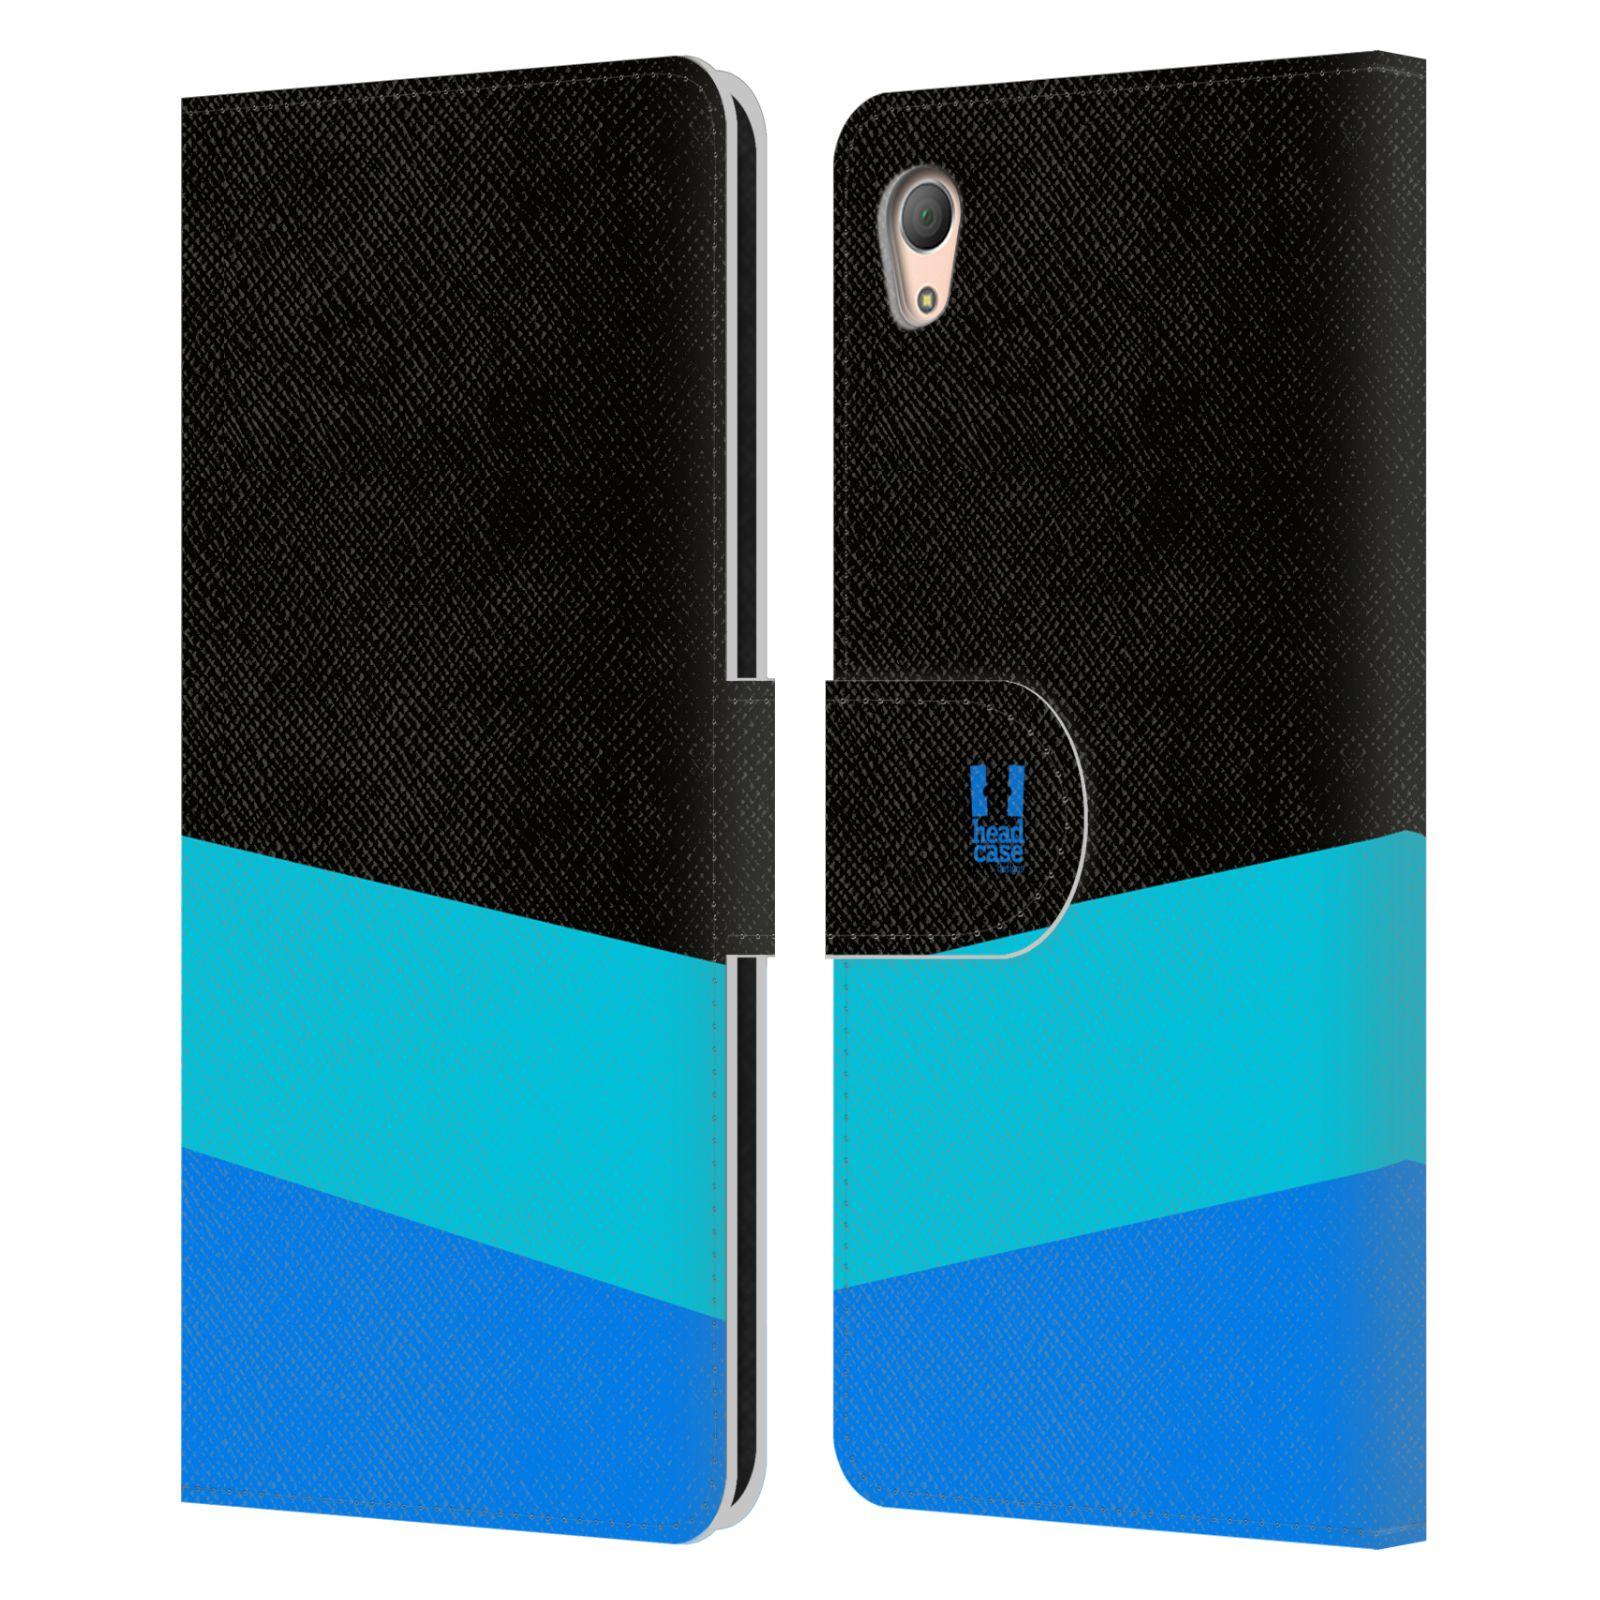 HEAD CASE Flipové pouzdro pro mobil SONY XPERIA Z3+(Z3 PLUS) barevné tvary modrá a černá FORMAL